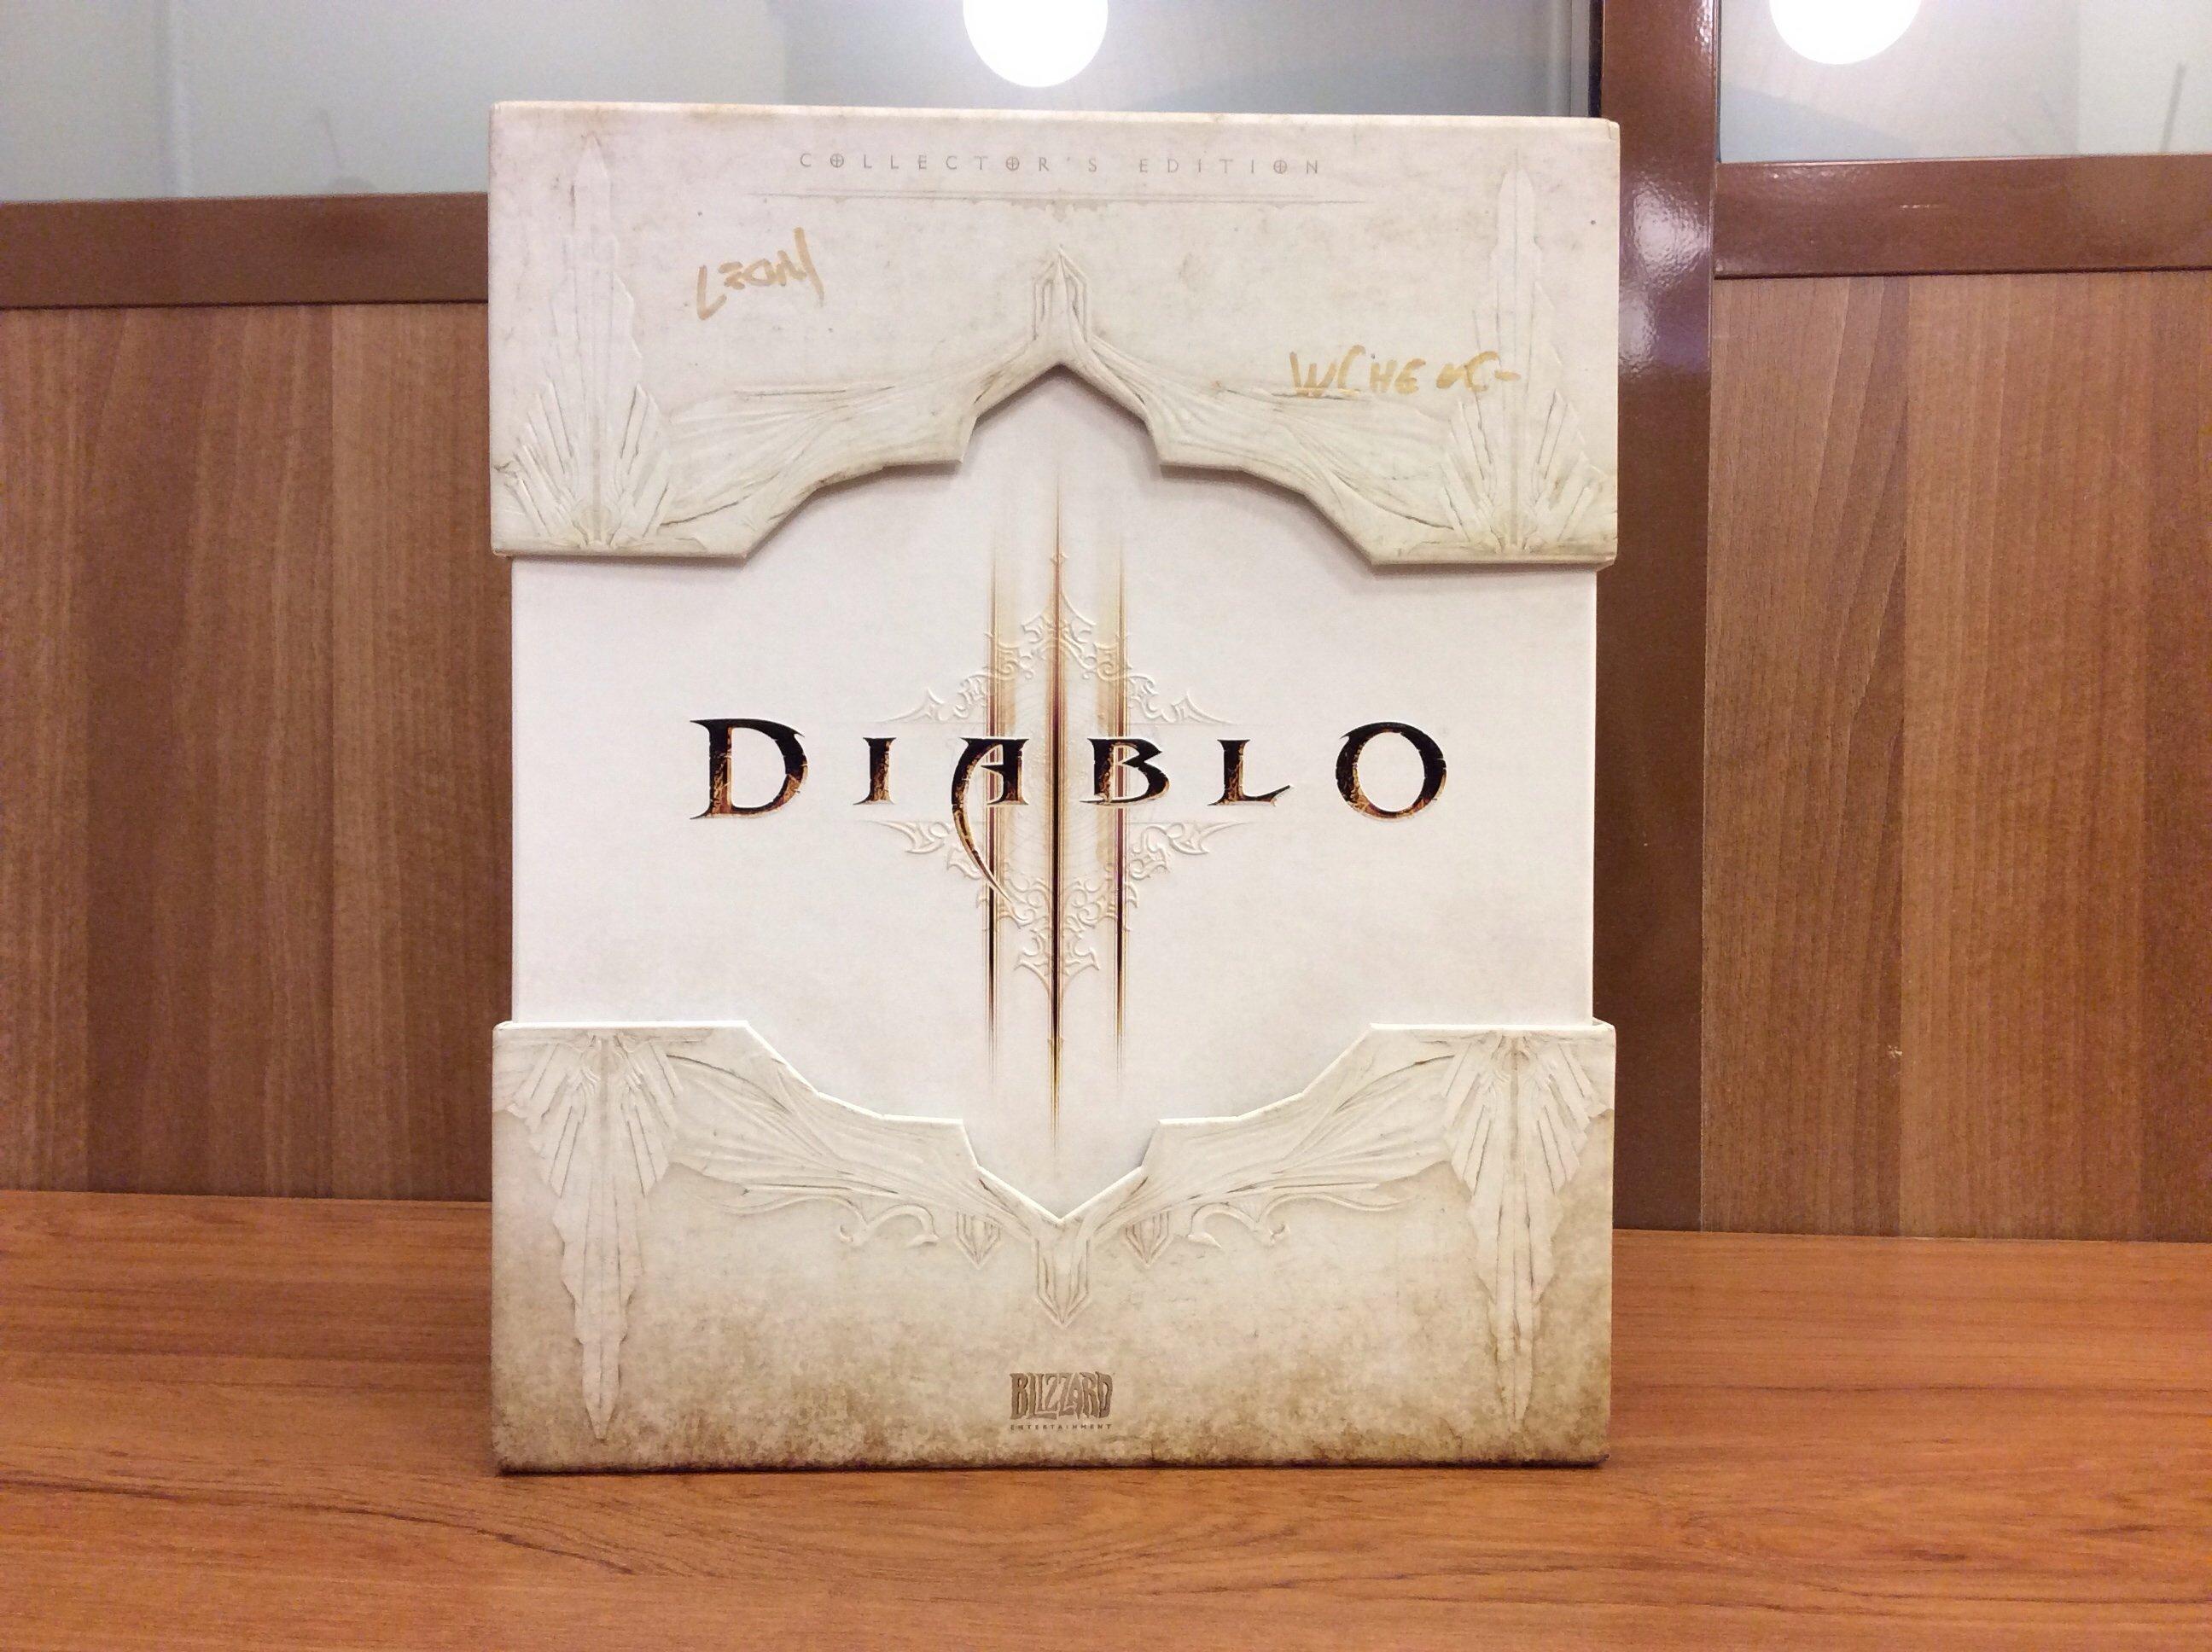 Итоги конкурса #Diablo. - Изображение 2